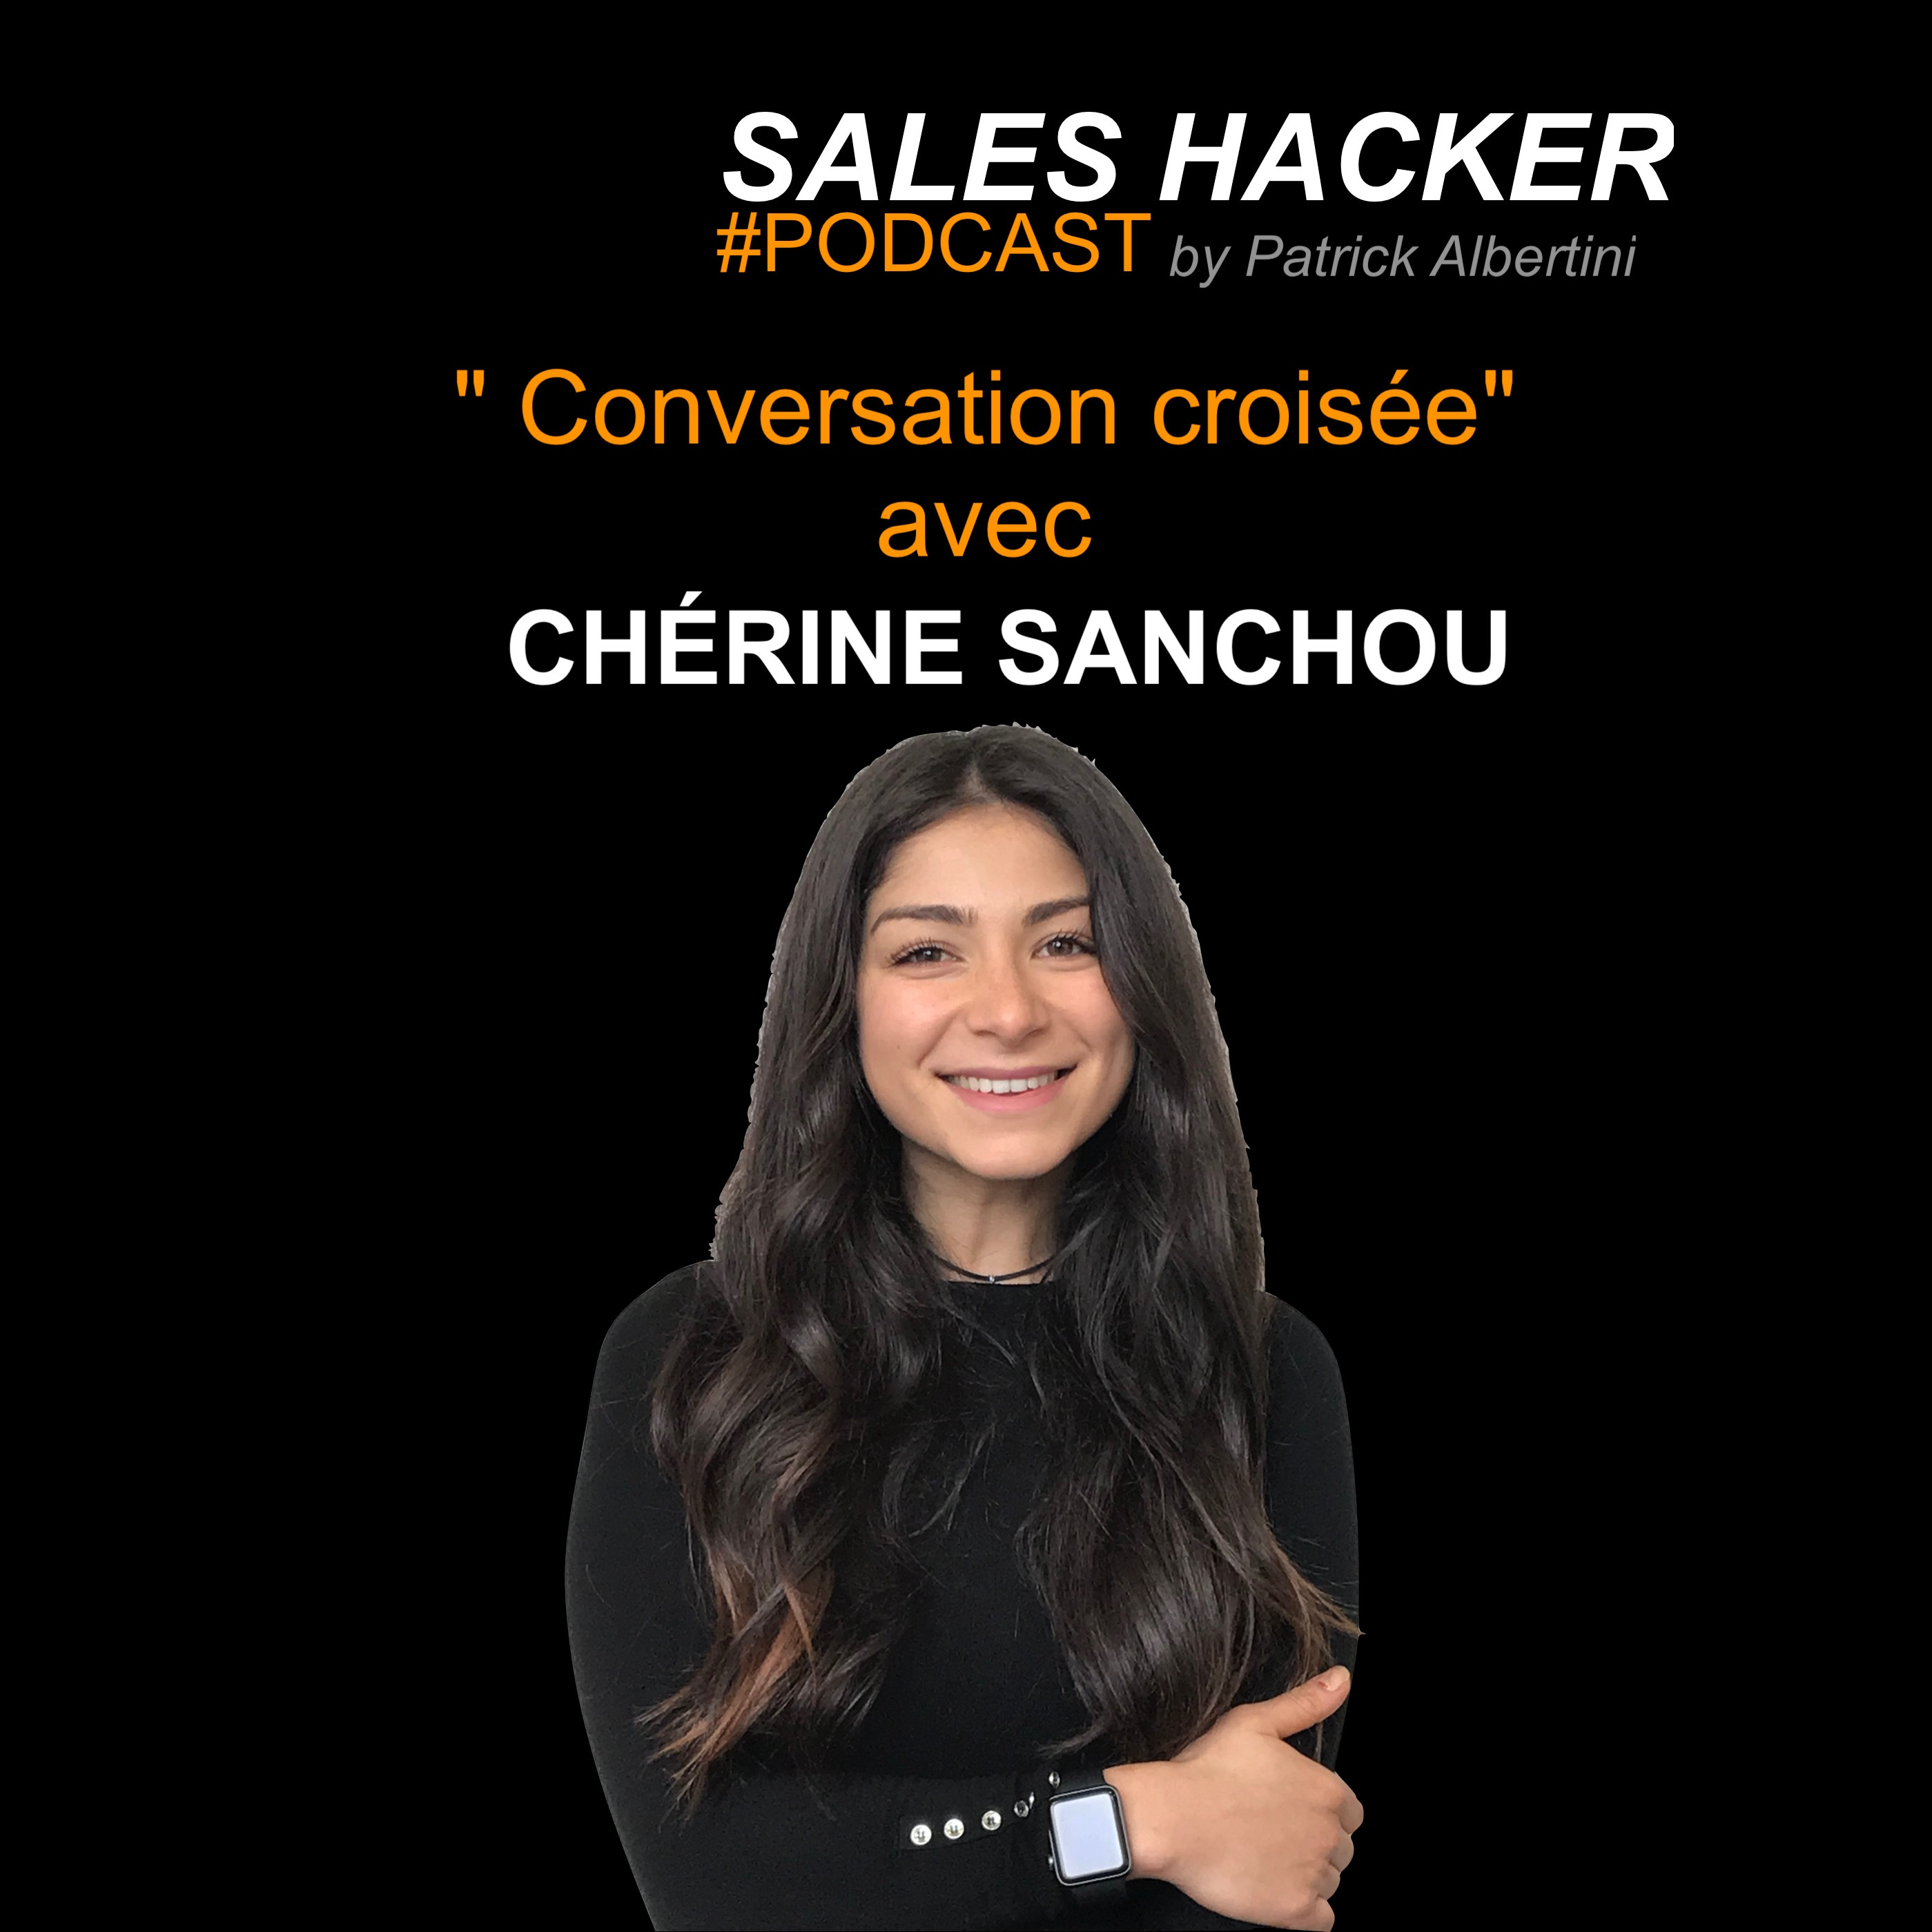 #4 - Conversation croisée avec Chérine Sanchou